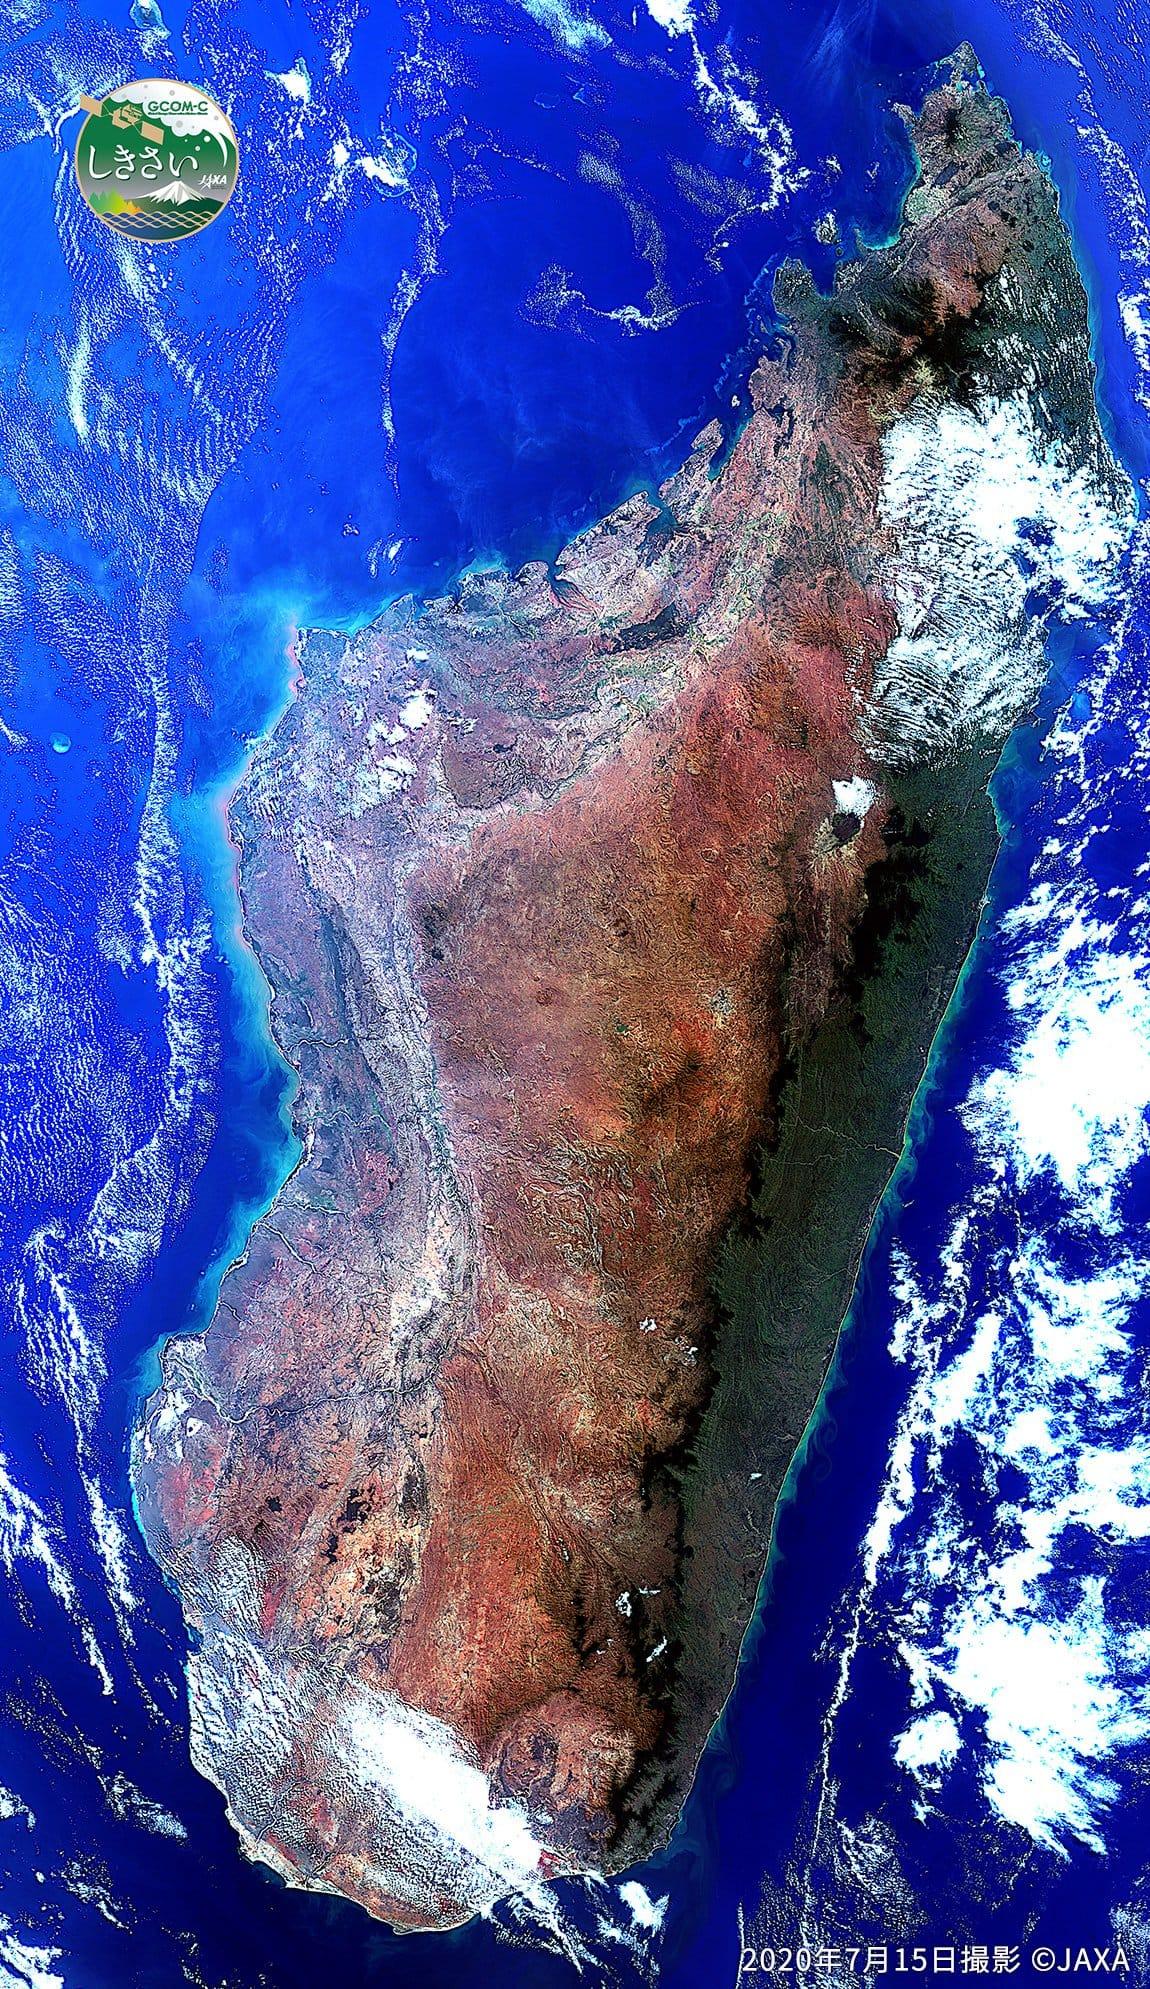 Madagascar vue depuis l'espace by Franz - ISS83